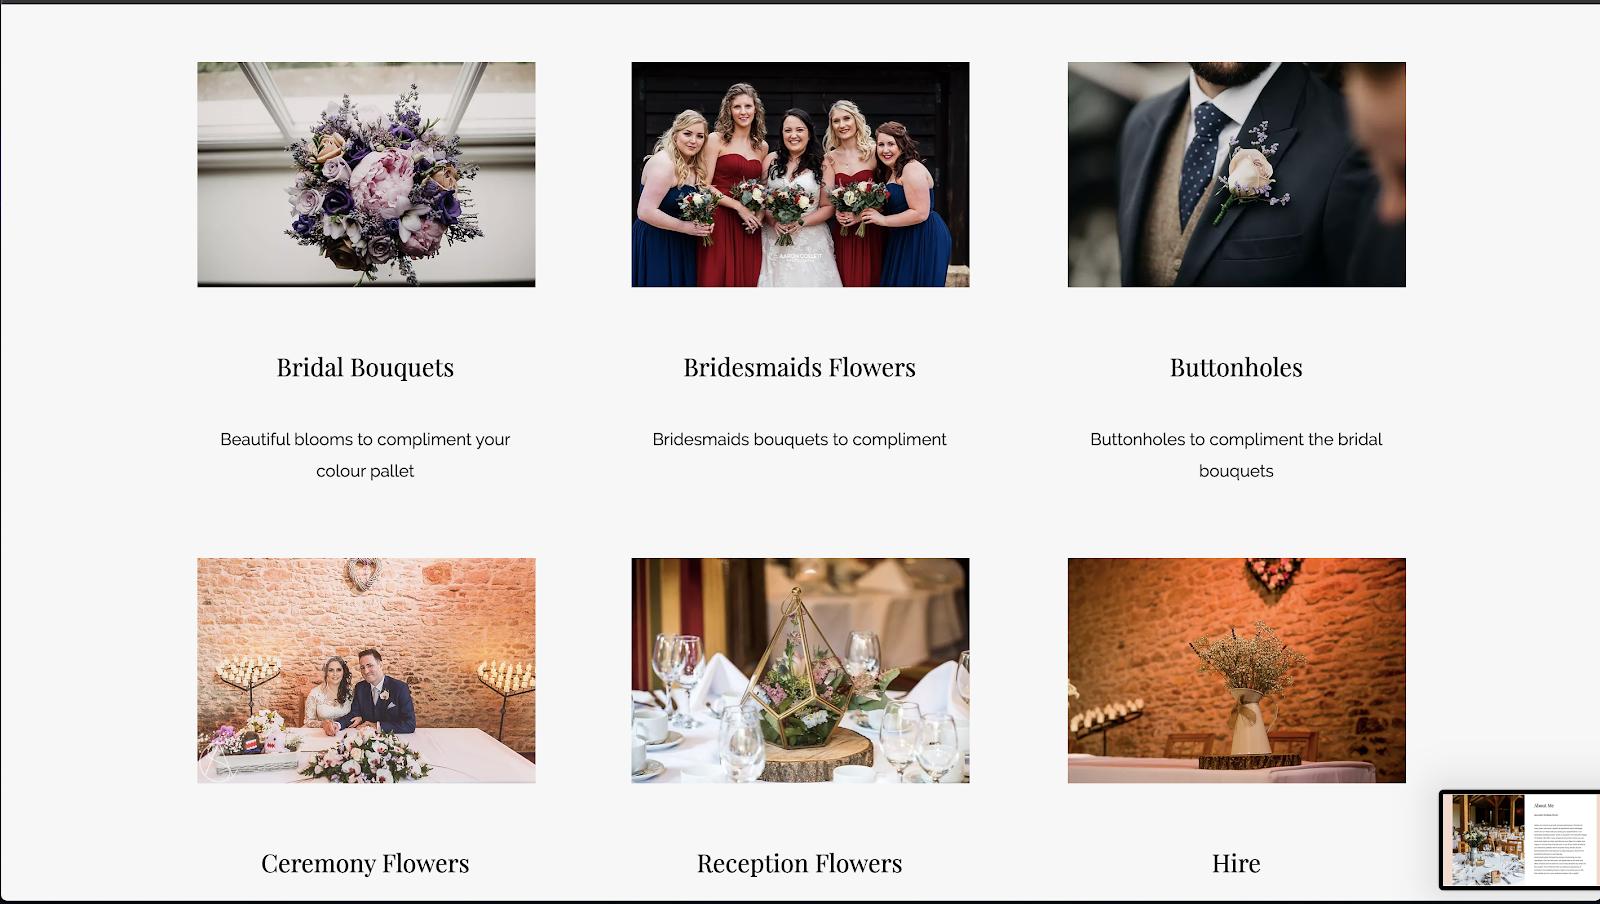 花屋 ウェブサイト制作事例9−2